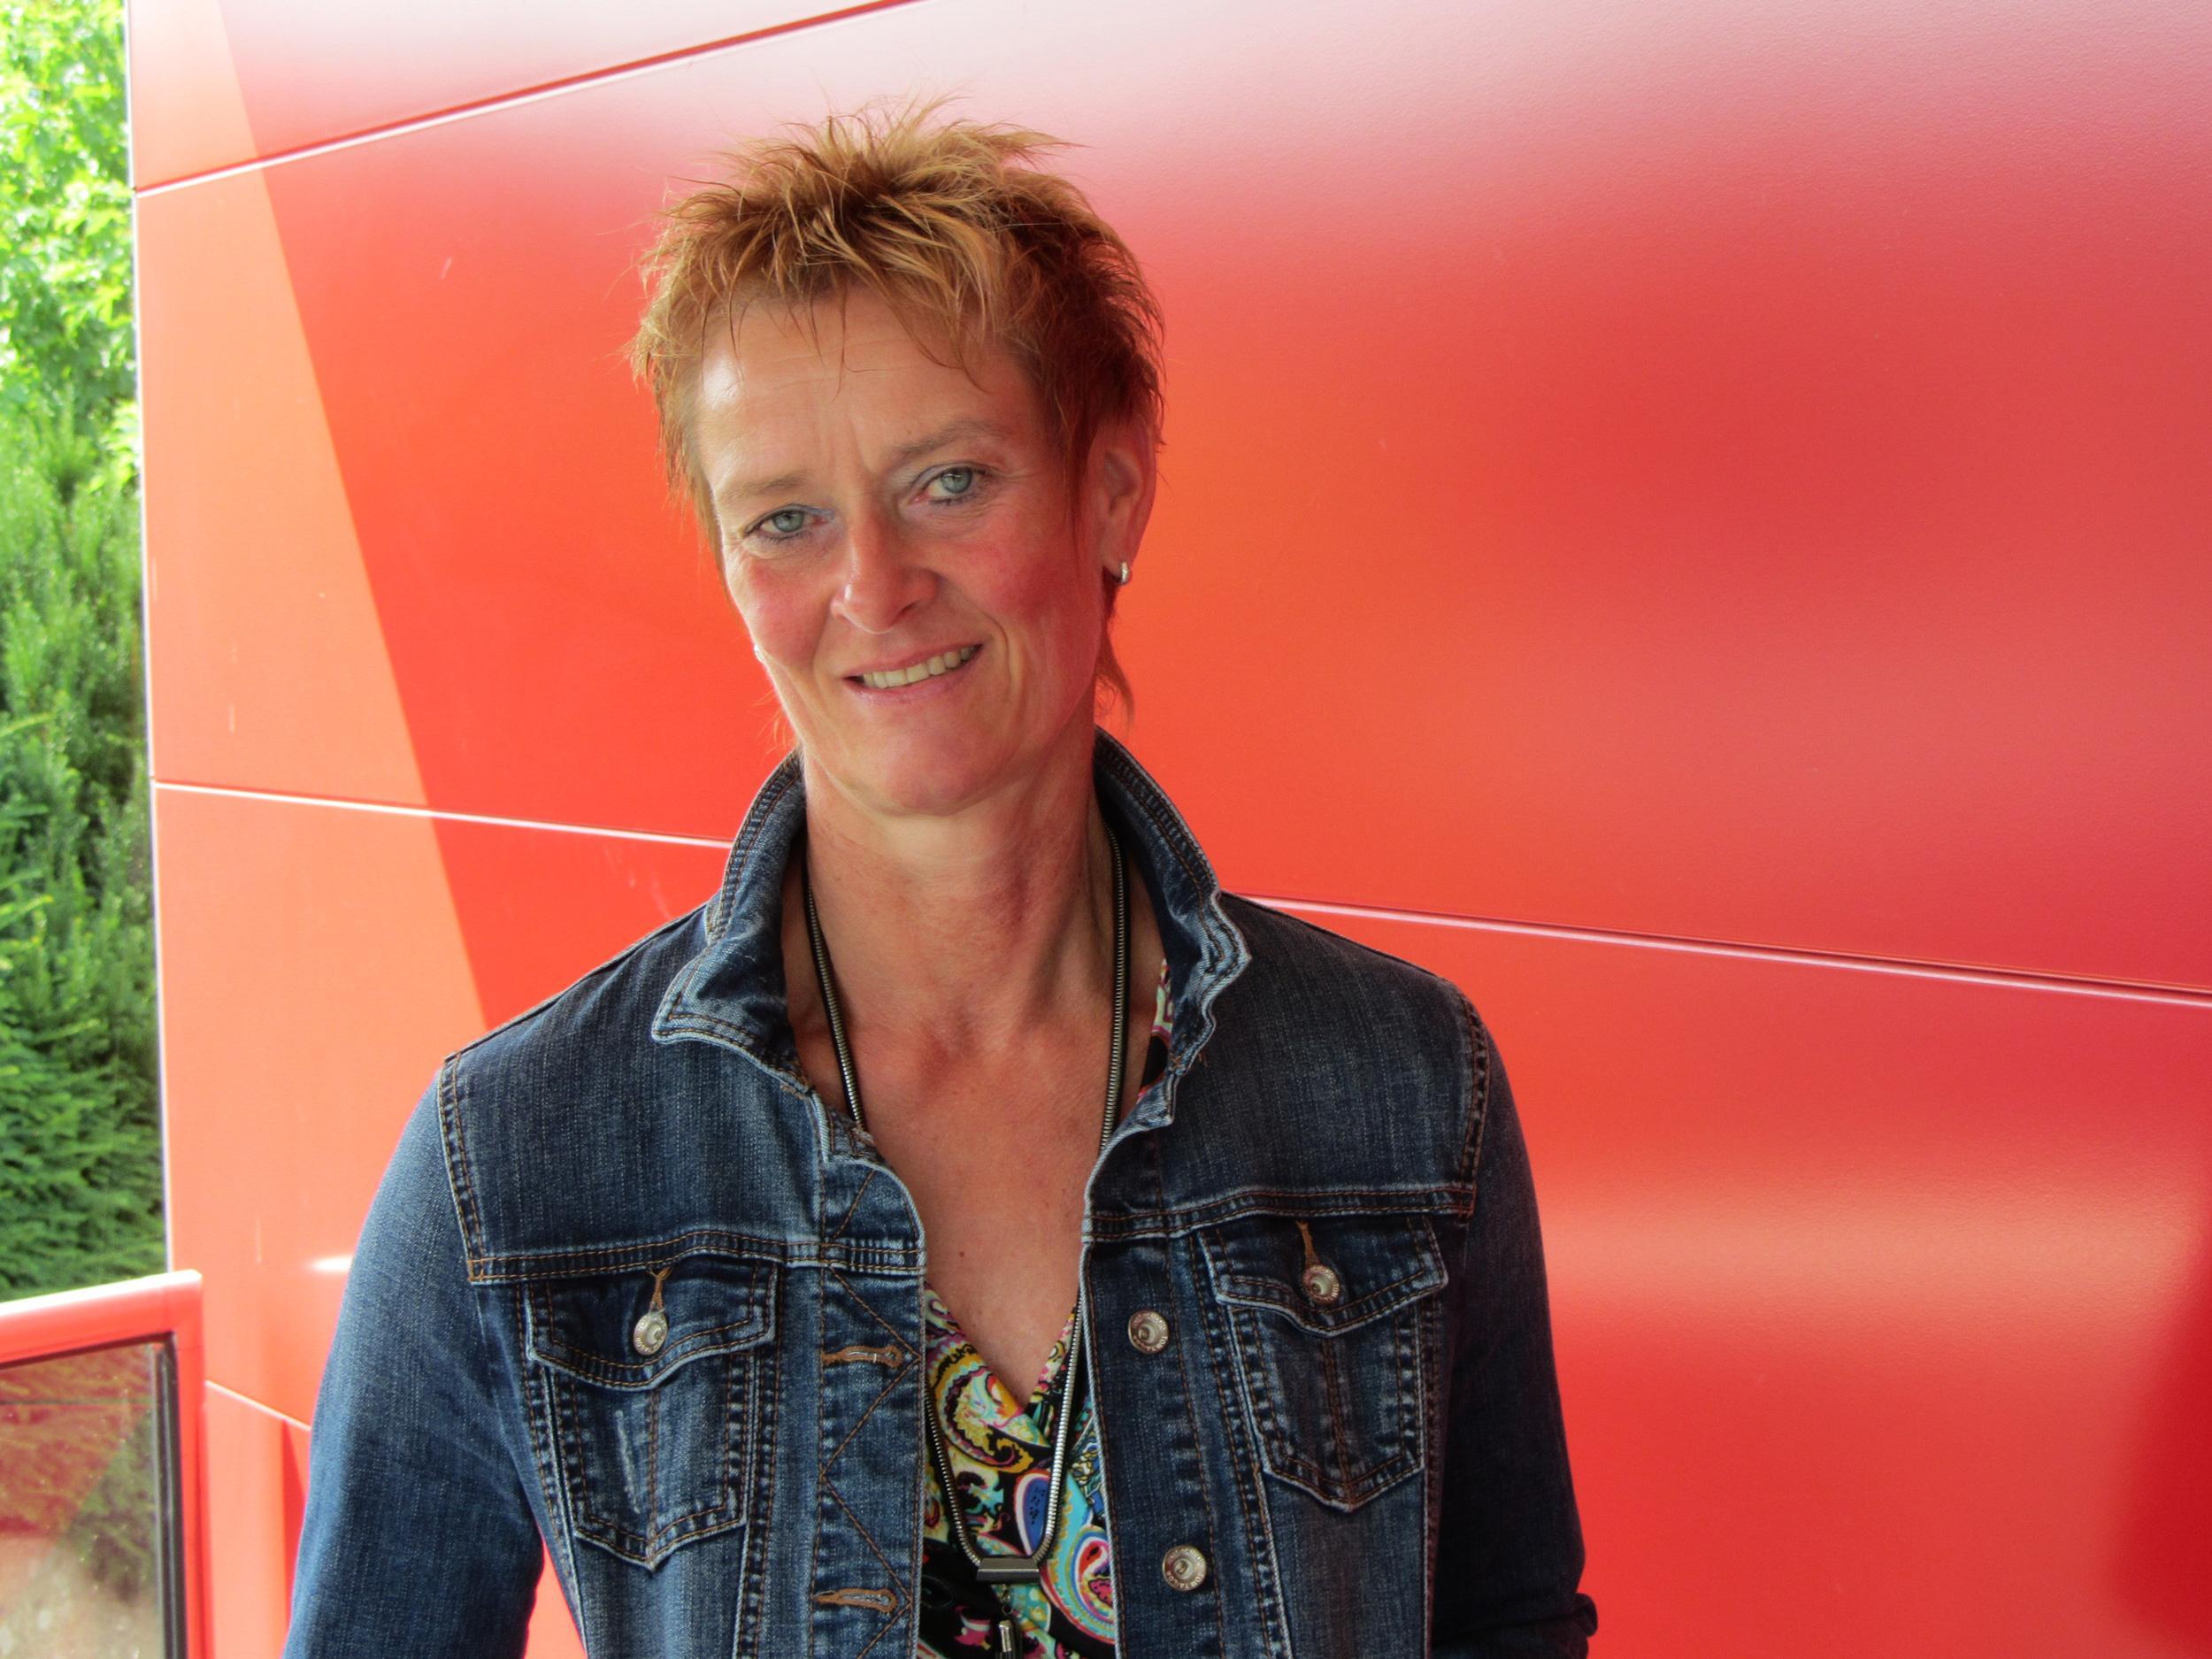 Martina Bierkämper, Gleichstellungsbeauftragte der Stadt Bergkamen